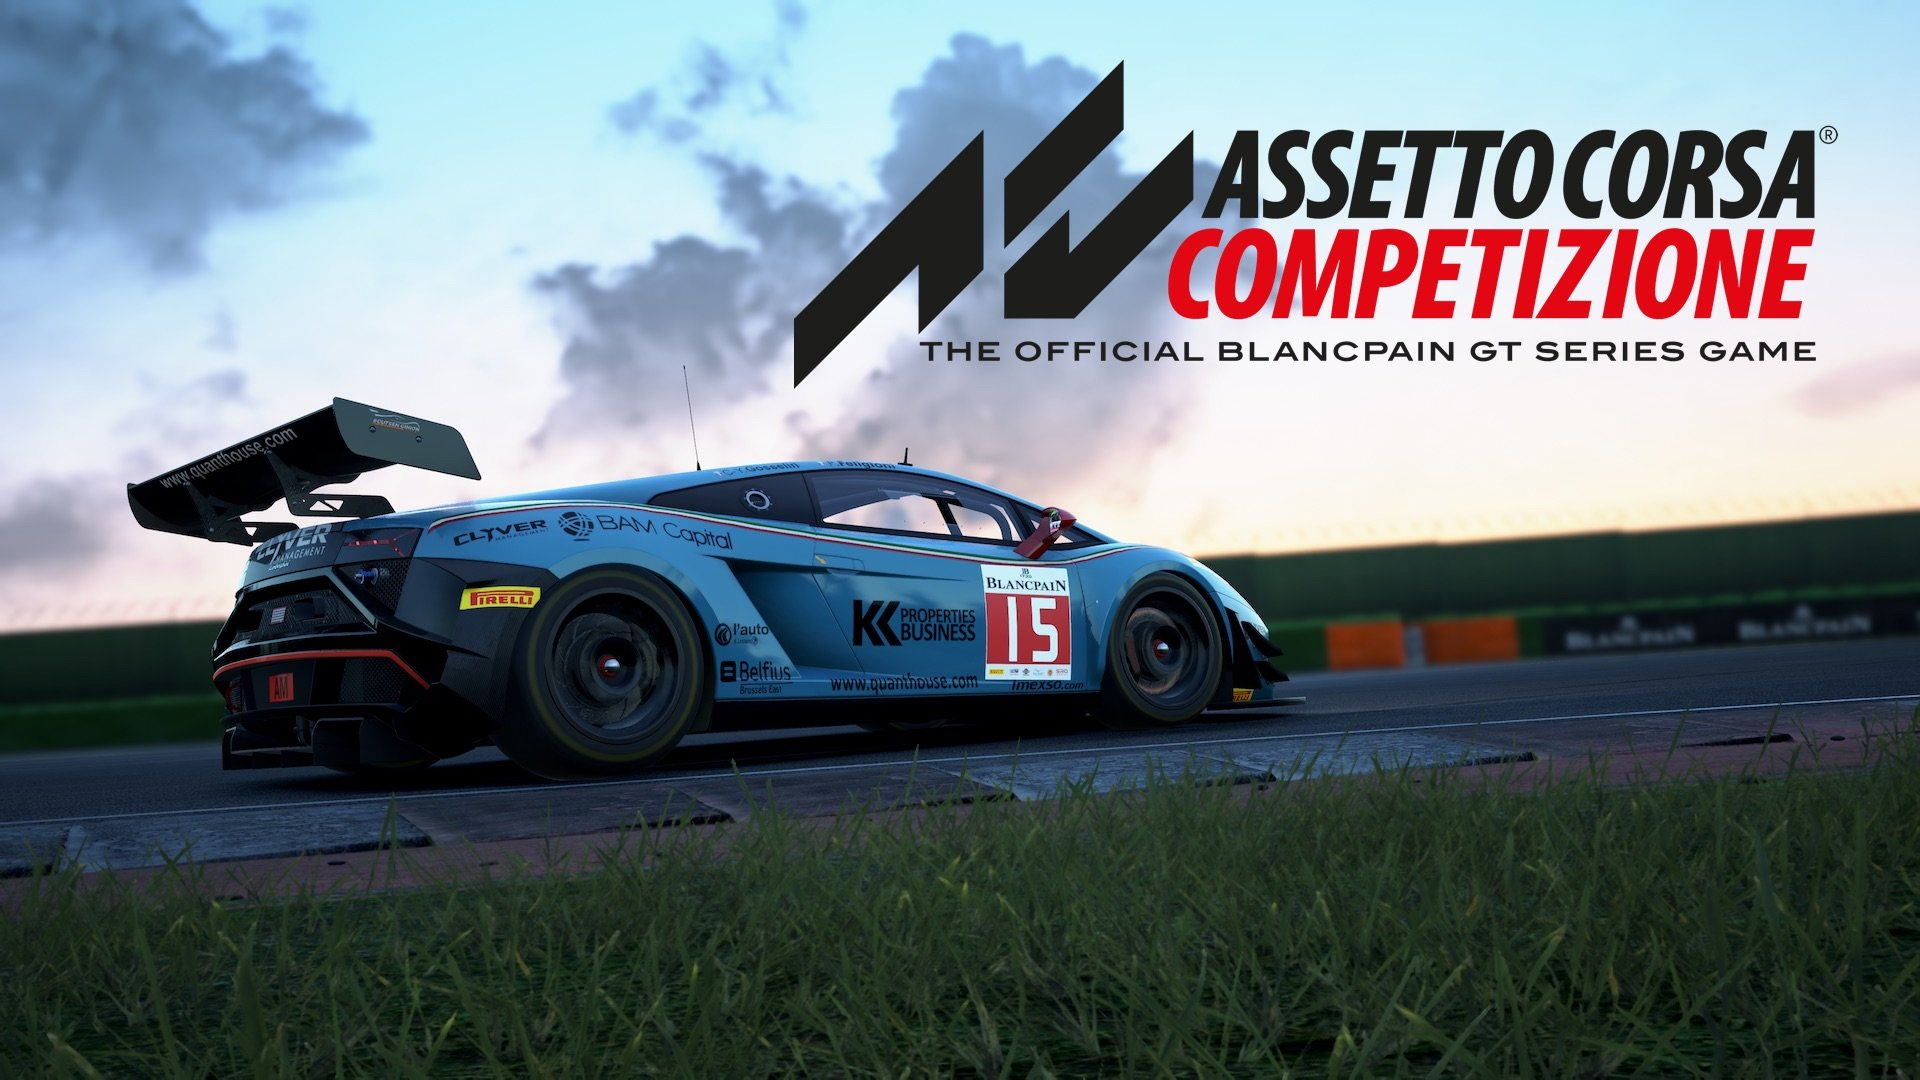 Assetto-Corsa-Competizione-wallpaper.jpg